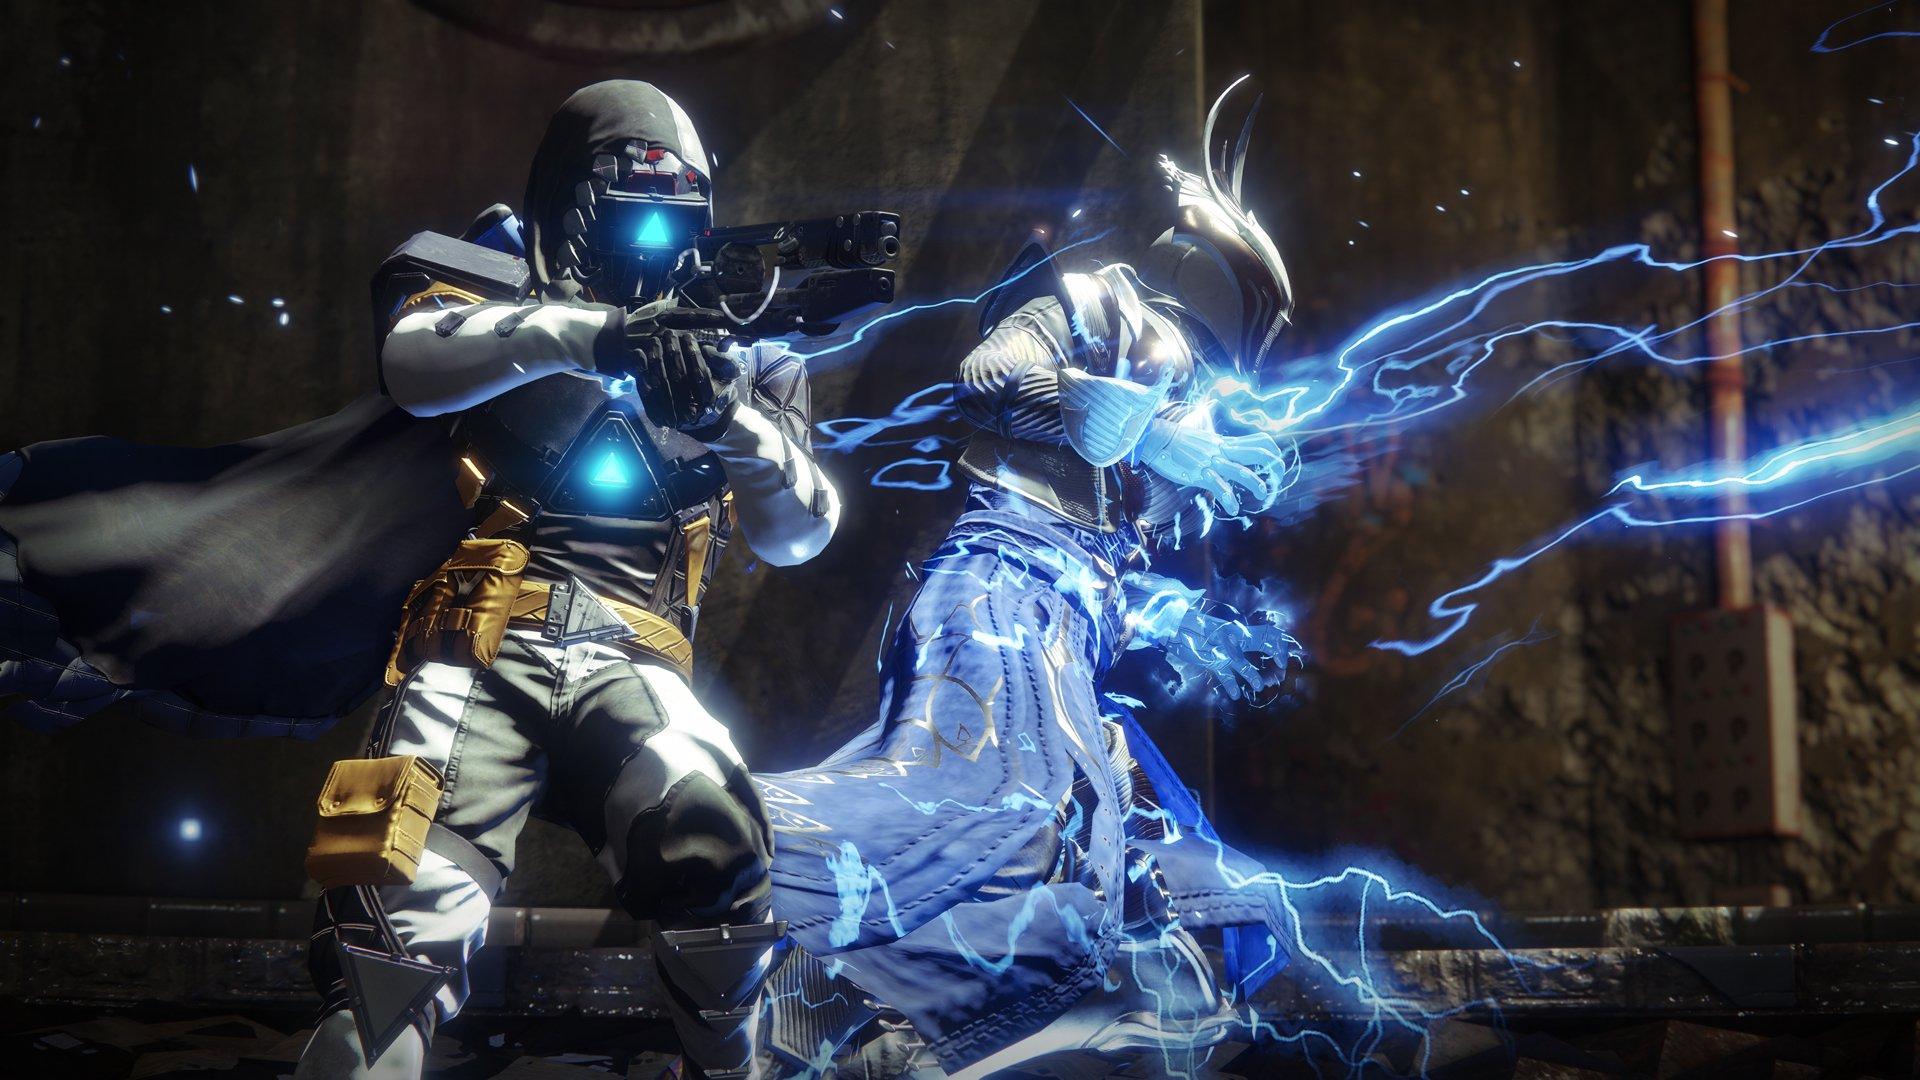 Diese 5 Dinge muss Destiny 2 ändern, damit es noch eine Chance hat